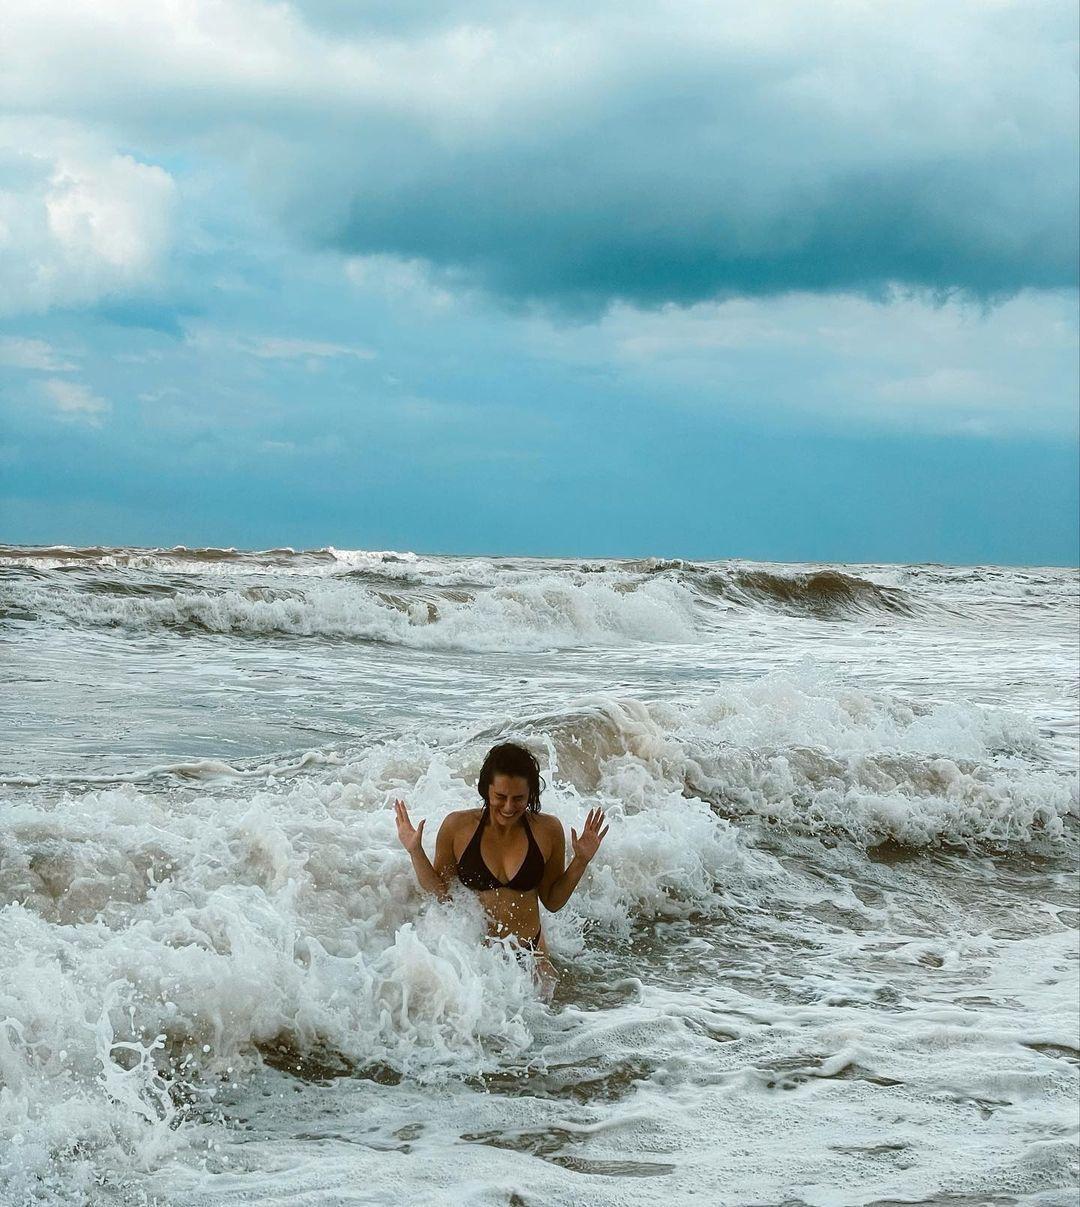 Hande Doğandemir'in dalgalarla imtihanı! Bikinili pozlarıyla sosyal medyayı salladı - Sayfa:2